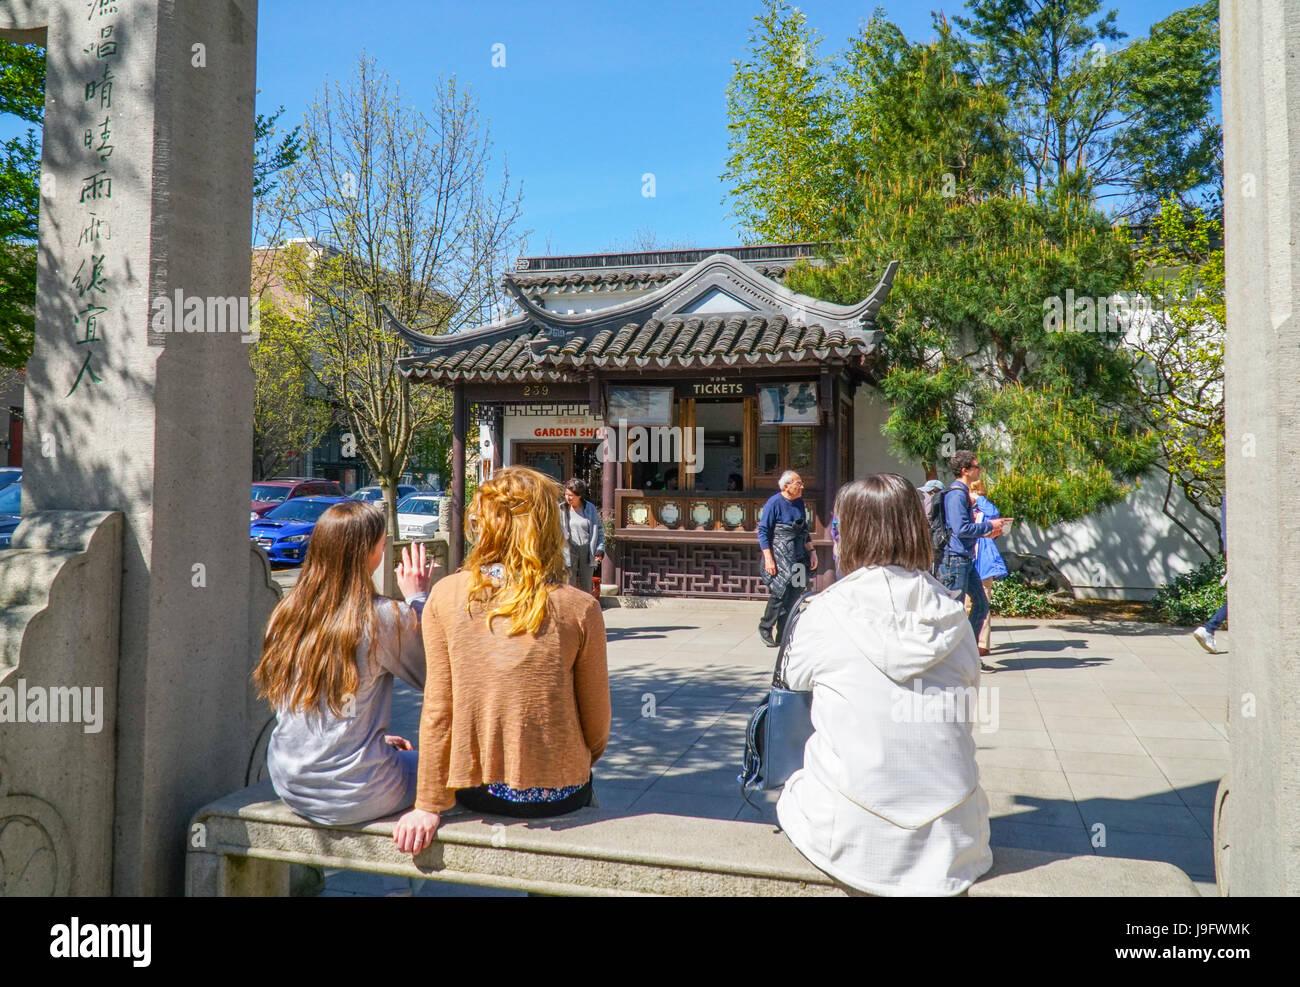 Vendita biglietti stand al Giardino Cinese in Portland - Portland - OREGON - 16 aprile 2017 Foto Stock